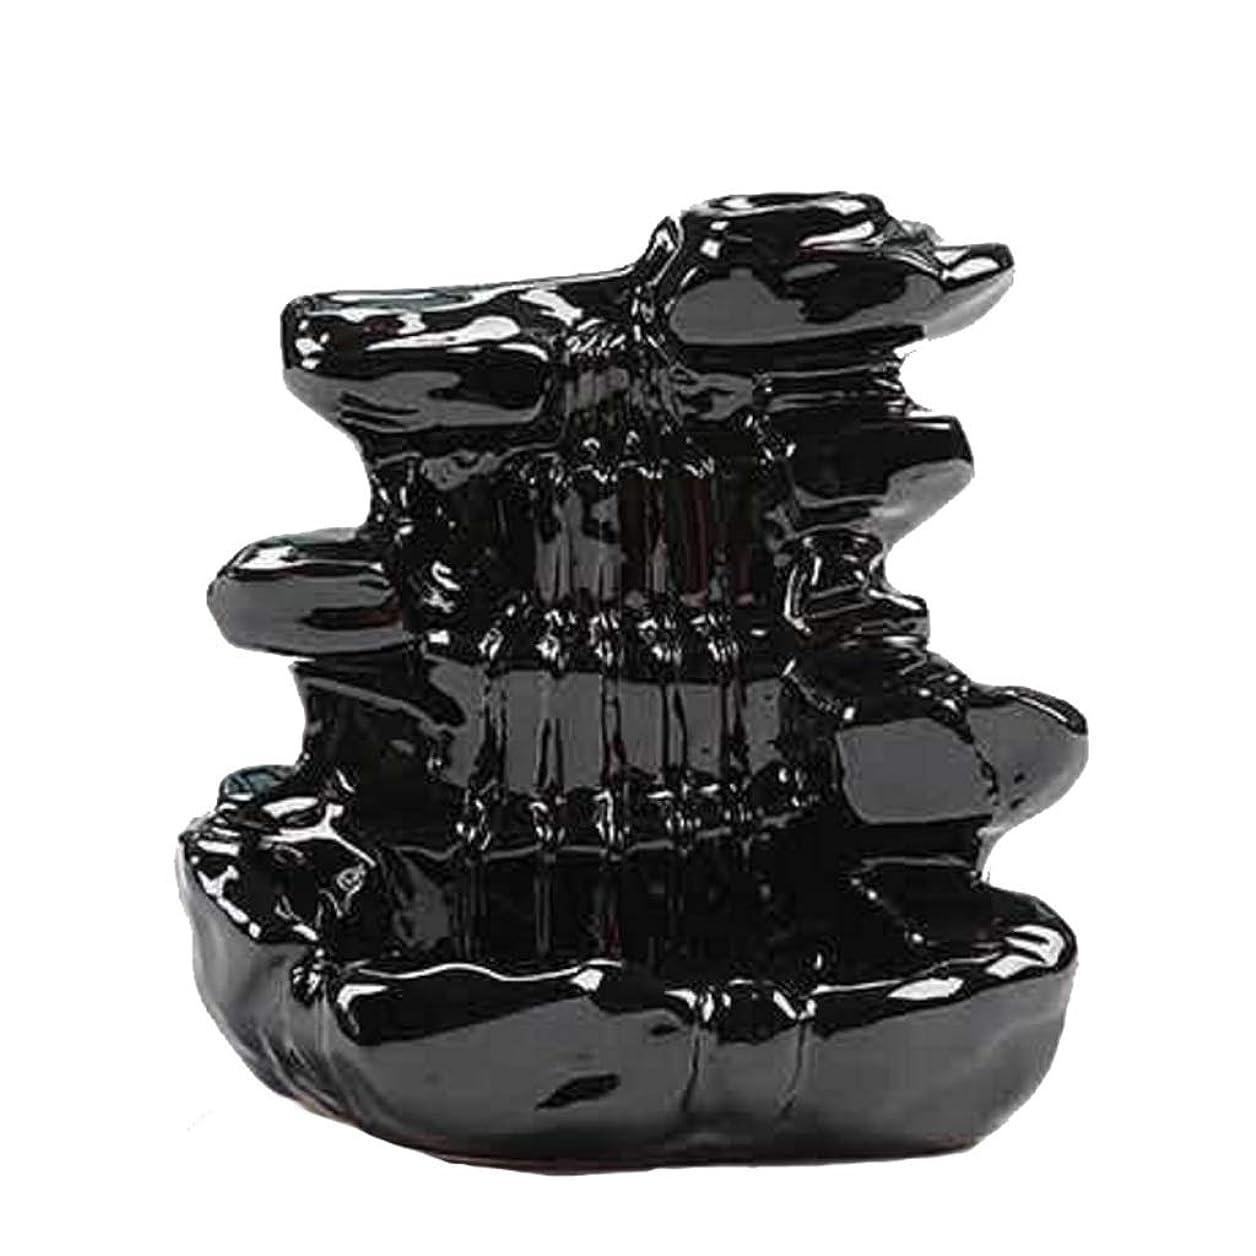 食欲理想的には賃金芳香器?アロマバーナー 家の装飾逆流香バーナーセラミックコーン滝香ホルダー仏教香炉 アロマバーナー芳香器 (Color : B)